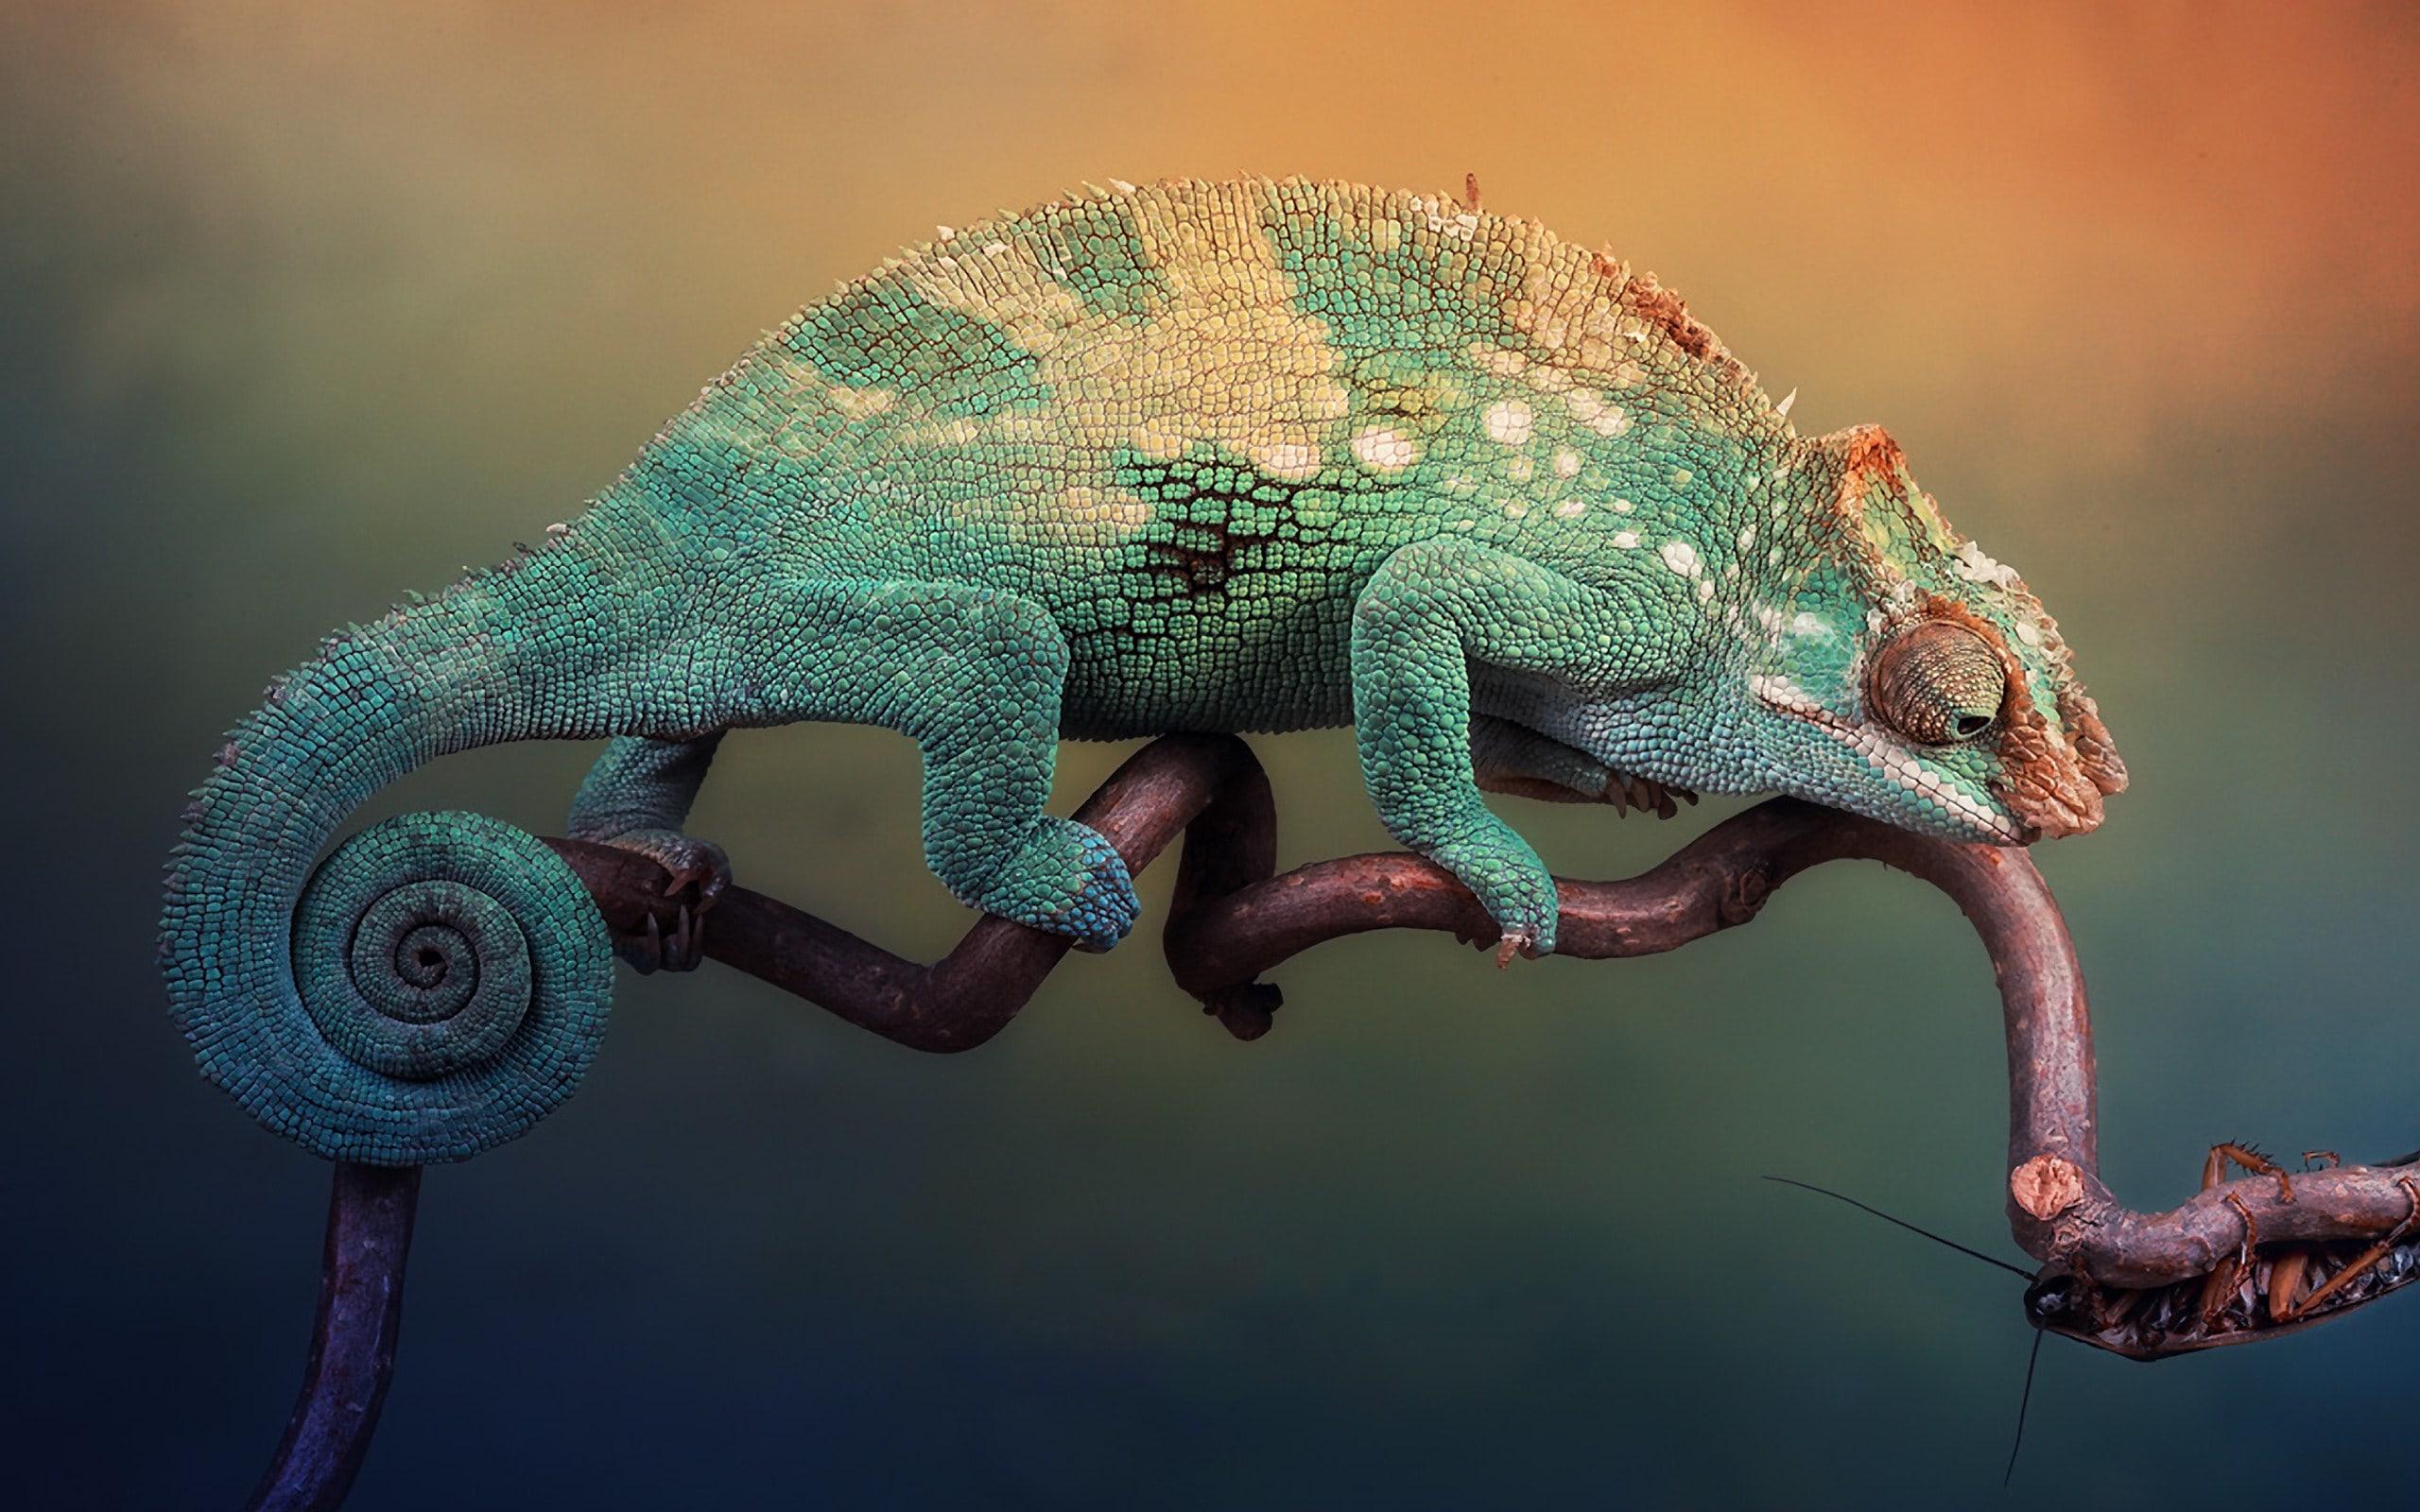 Chameleon Backgrounds